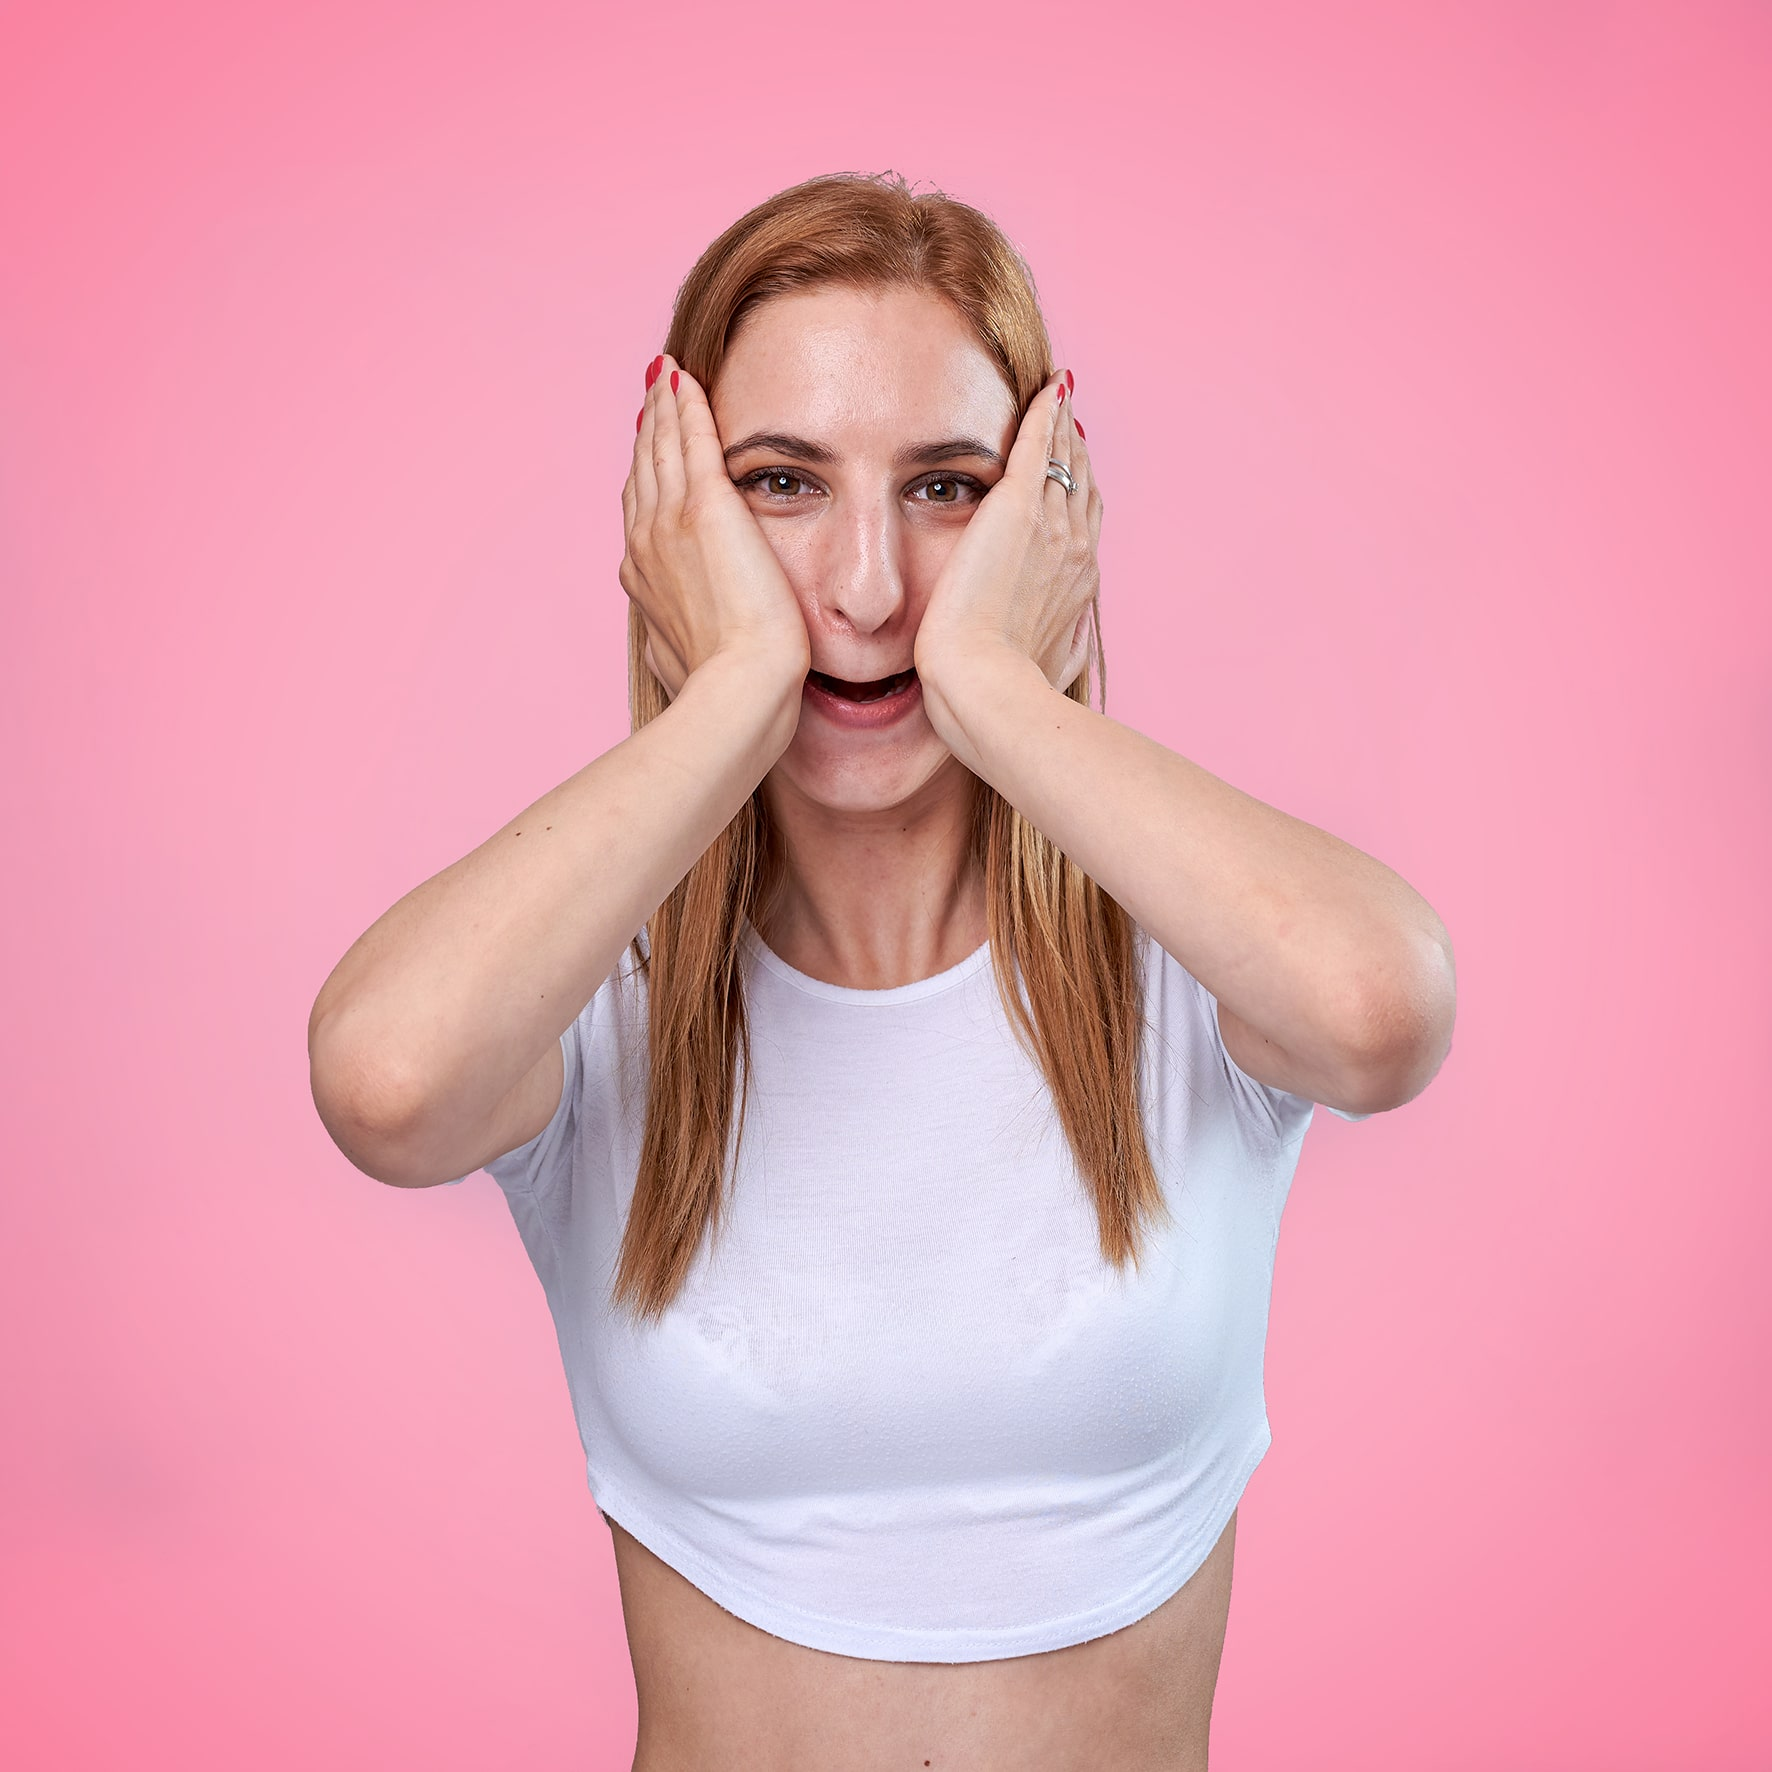 patricijacv dnevni sijoc program obrazne joge trening telesa likanje podbradka gubic